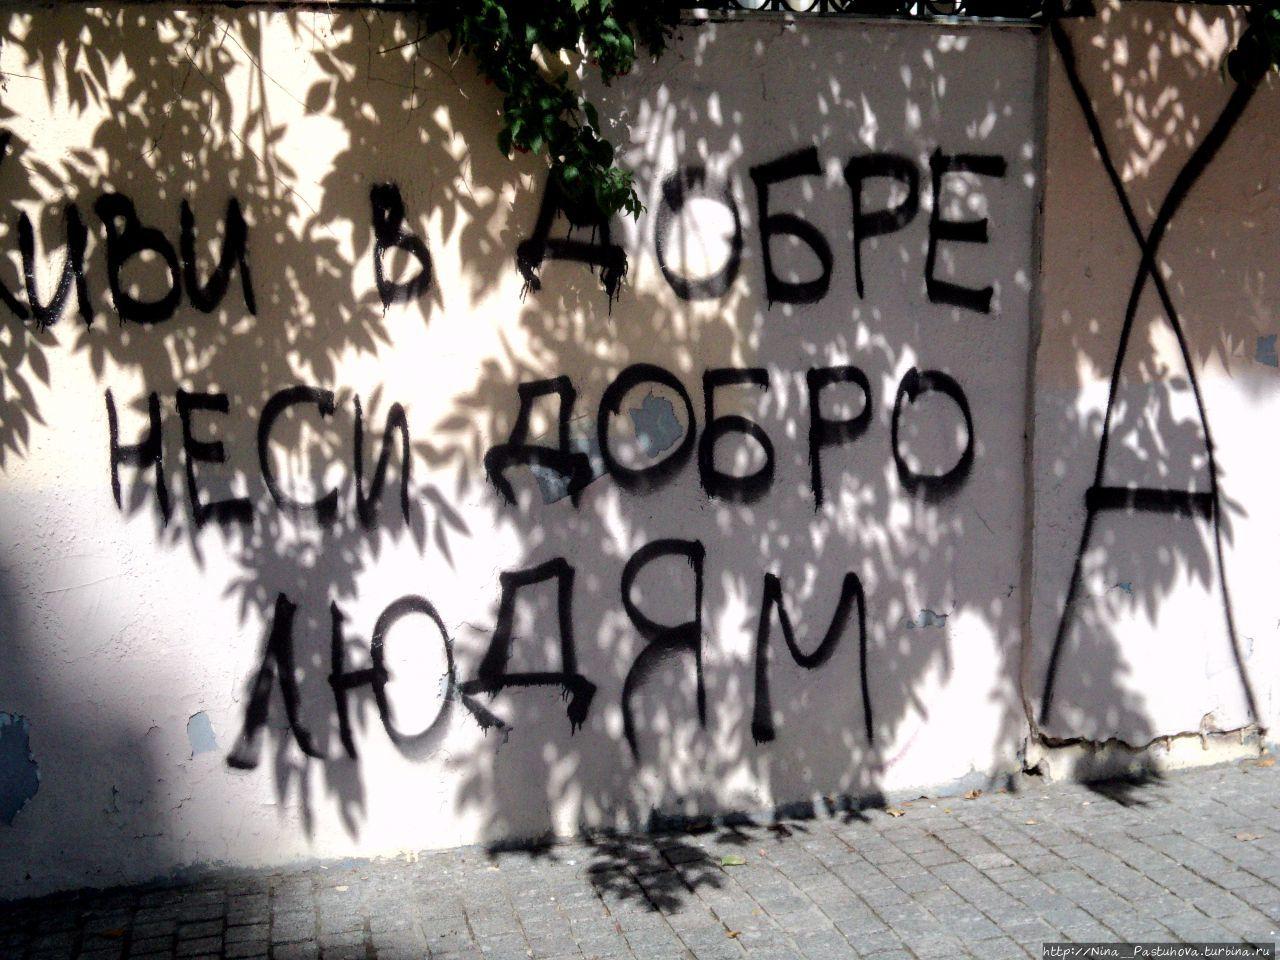 Прогулки по Москве. От Славянской площади до Хитровской. Ч 1 Москва, Россия